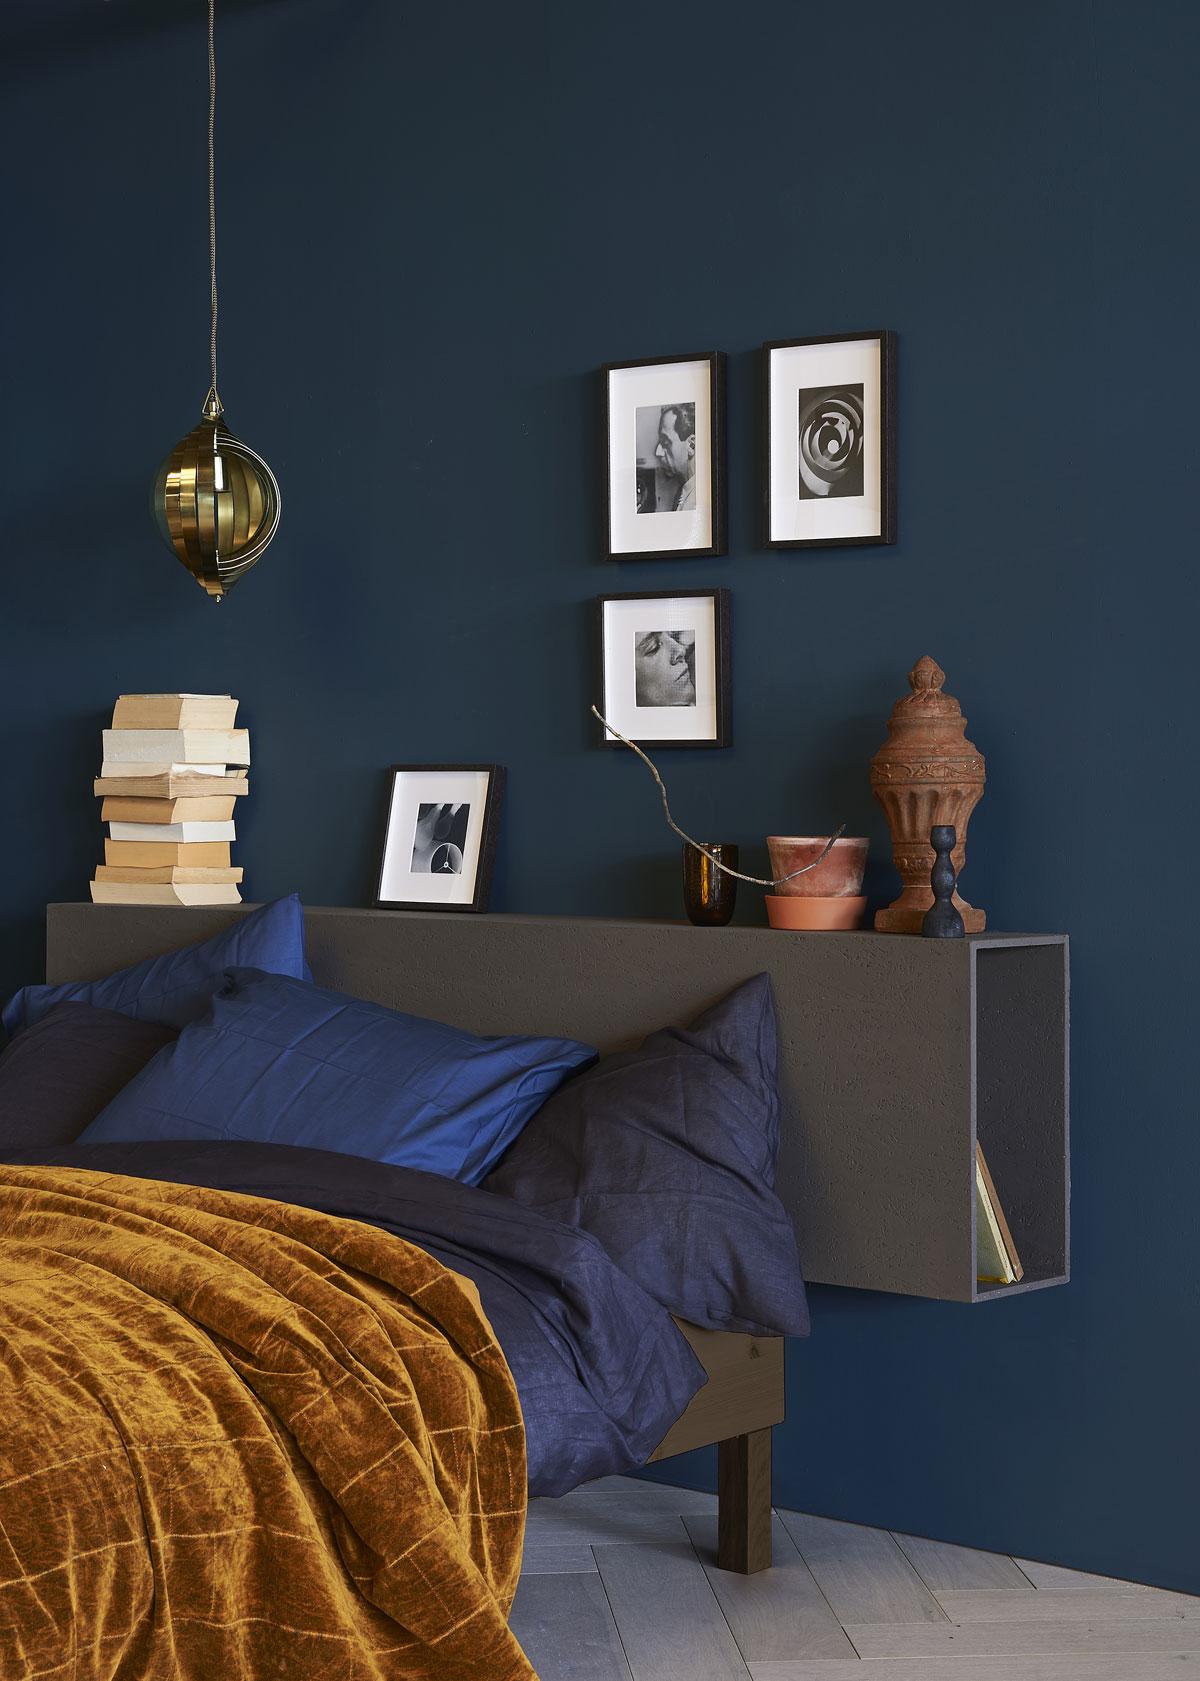 Boekenkast als hoofdbedeinde van obs, houtsnippers.